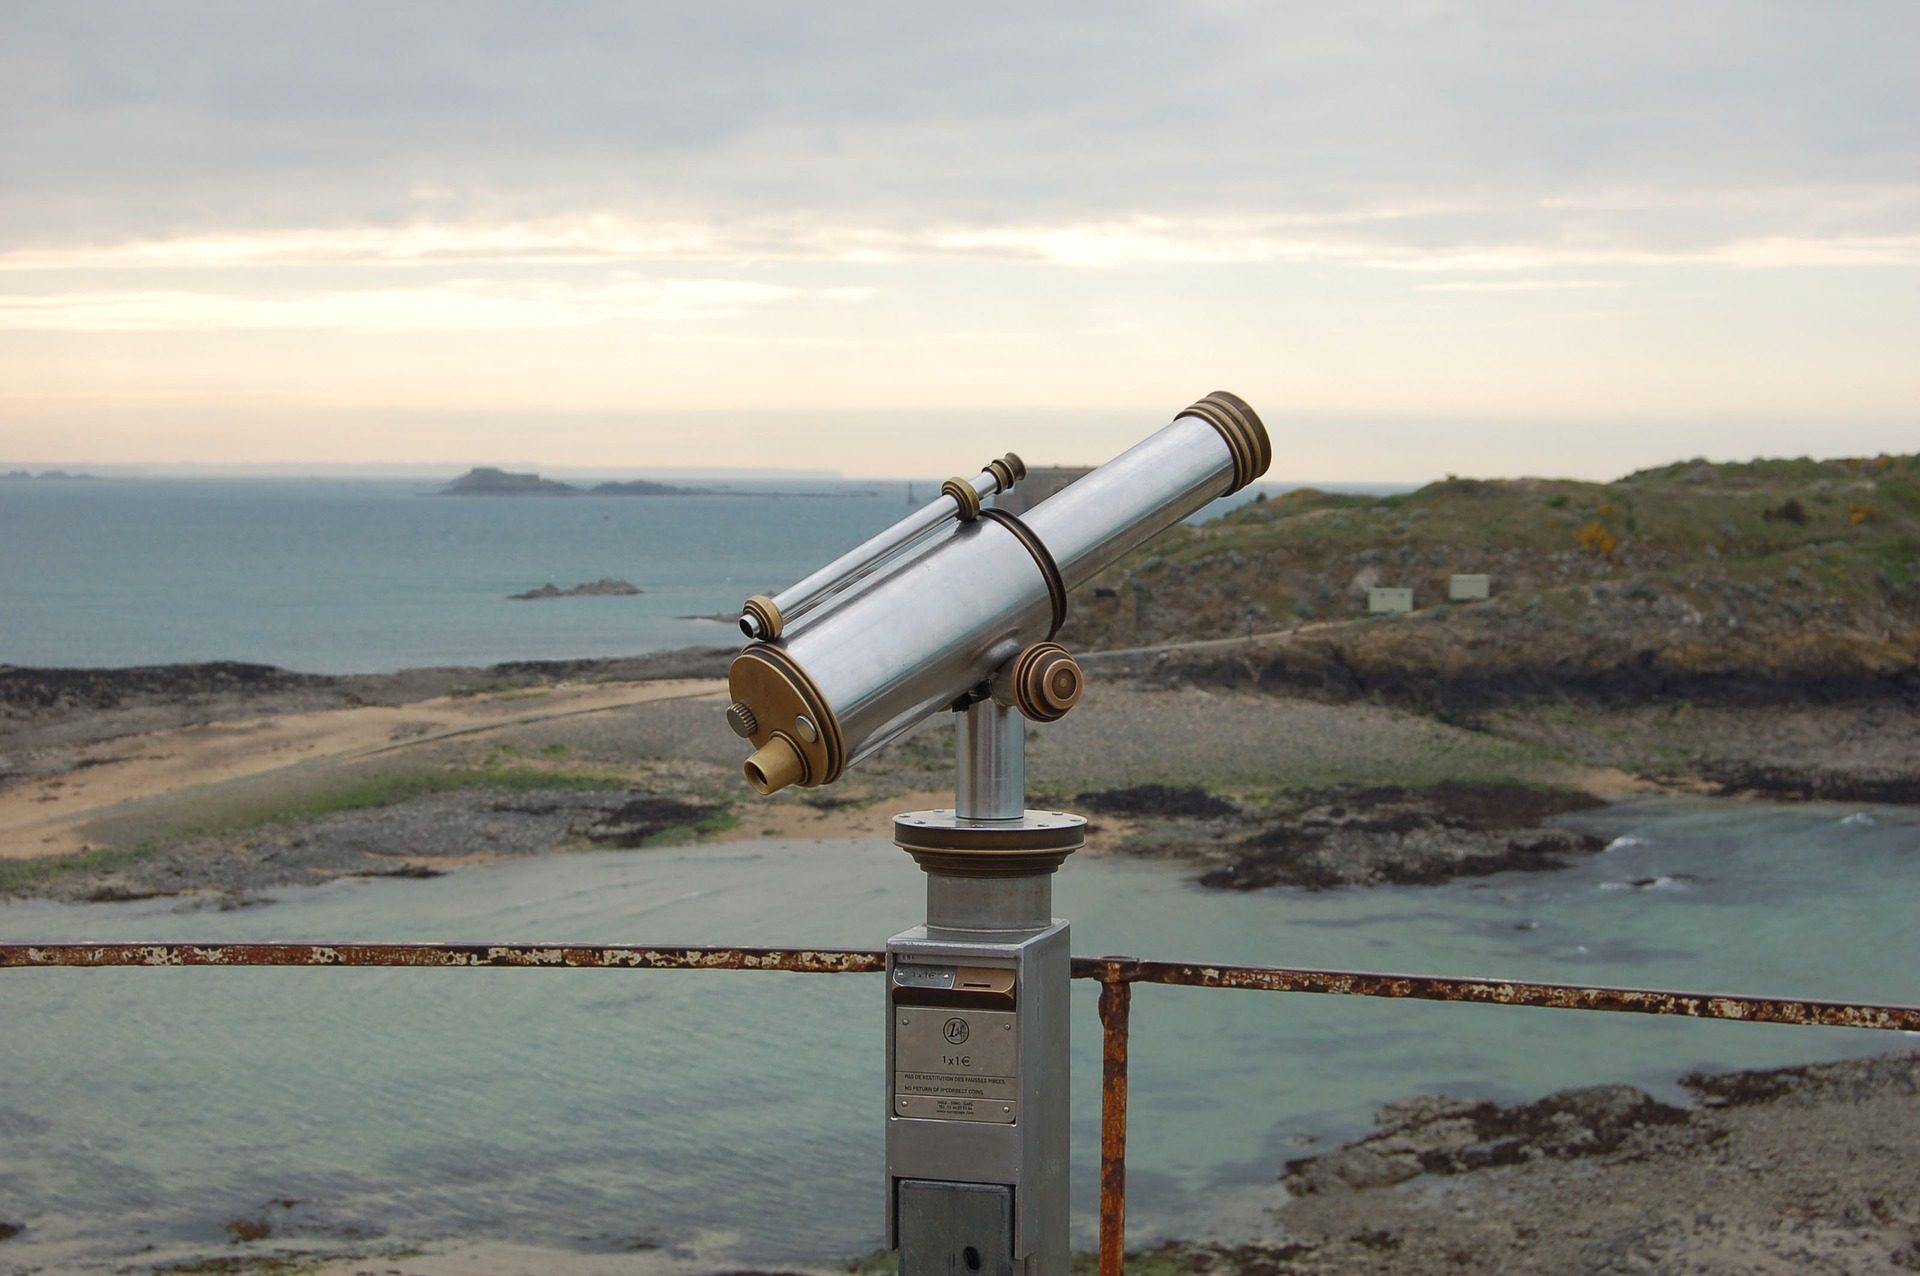 Costa, Mare, Spiaggia, Mirador, telescopio, occhiali, orizzonte - Sfondi HD - Professor-falken.com